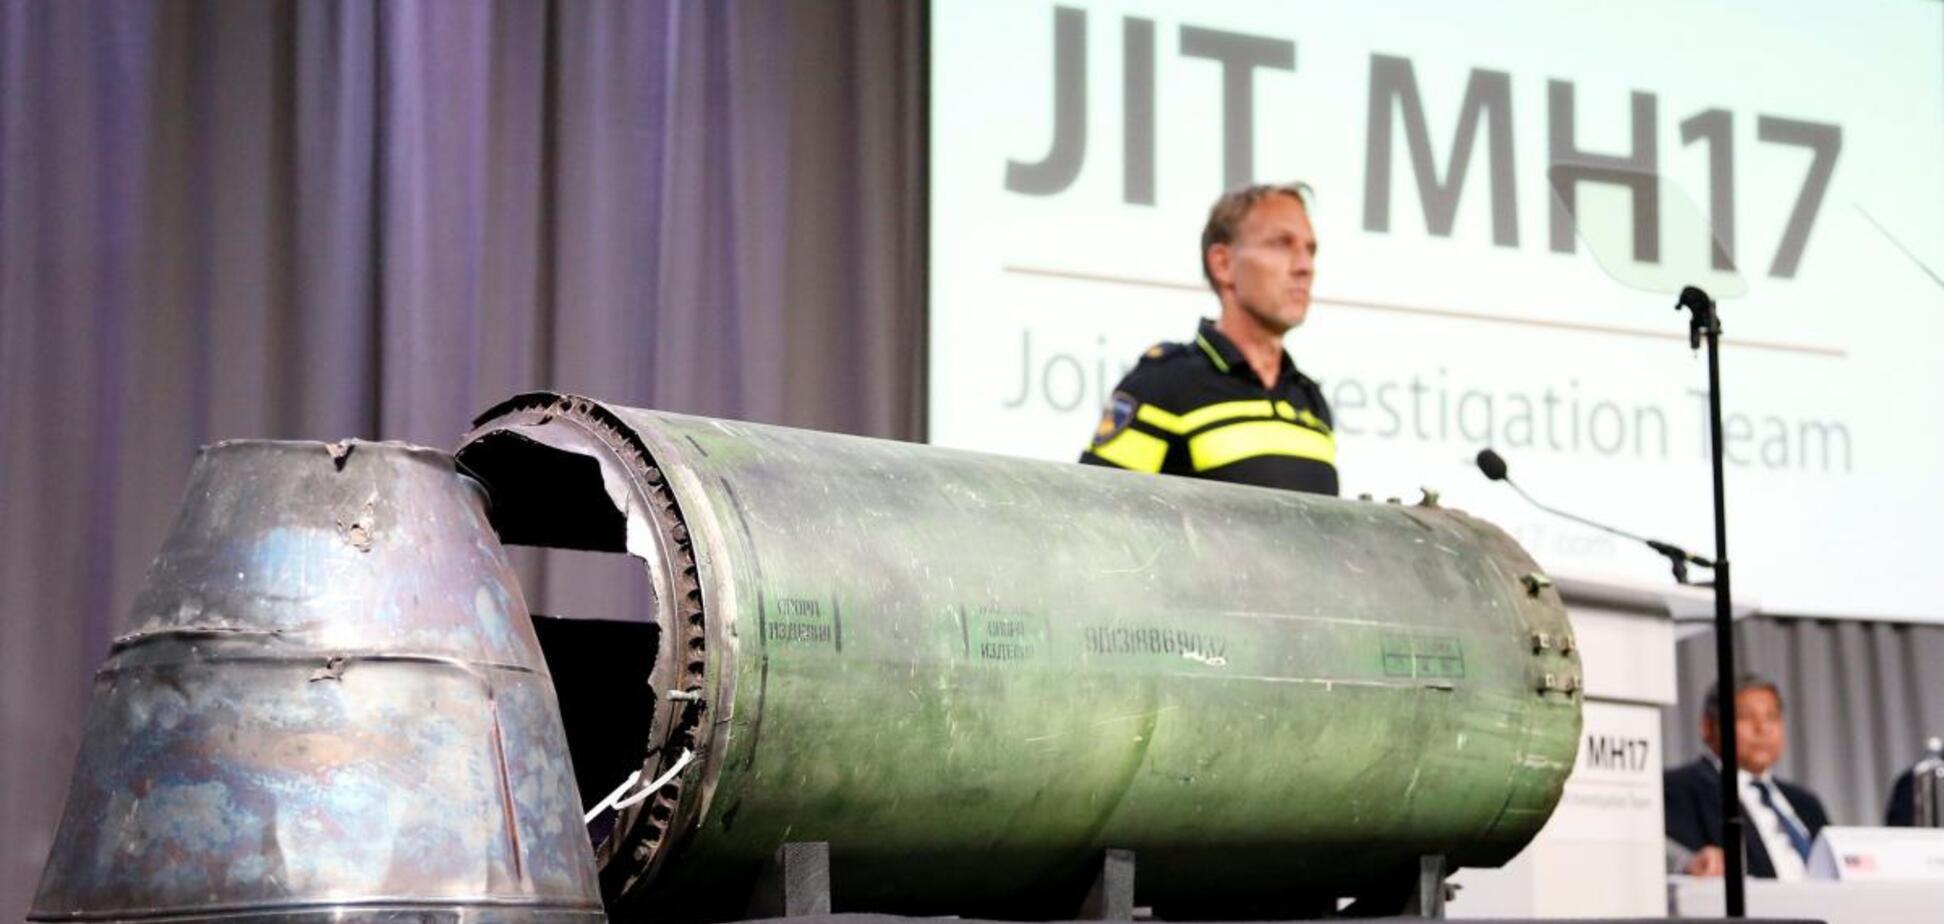 'Ніхто не повірить': популярний російський новинний портал зганьбився з MH17